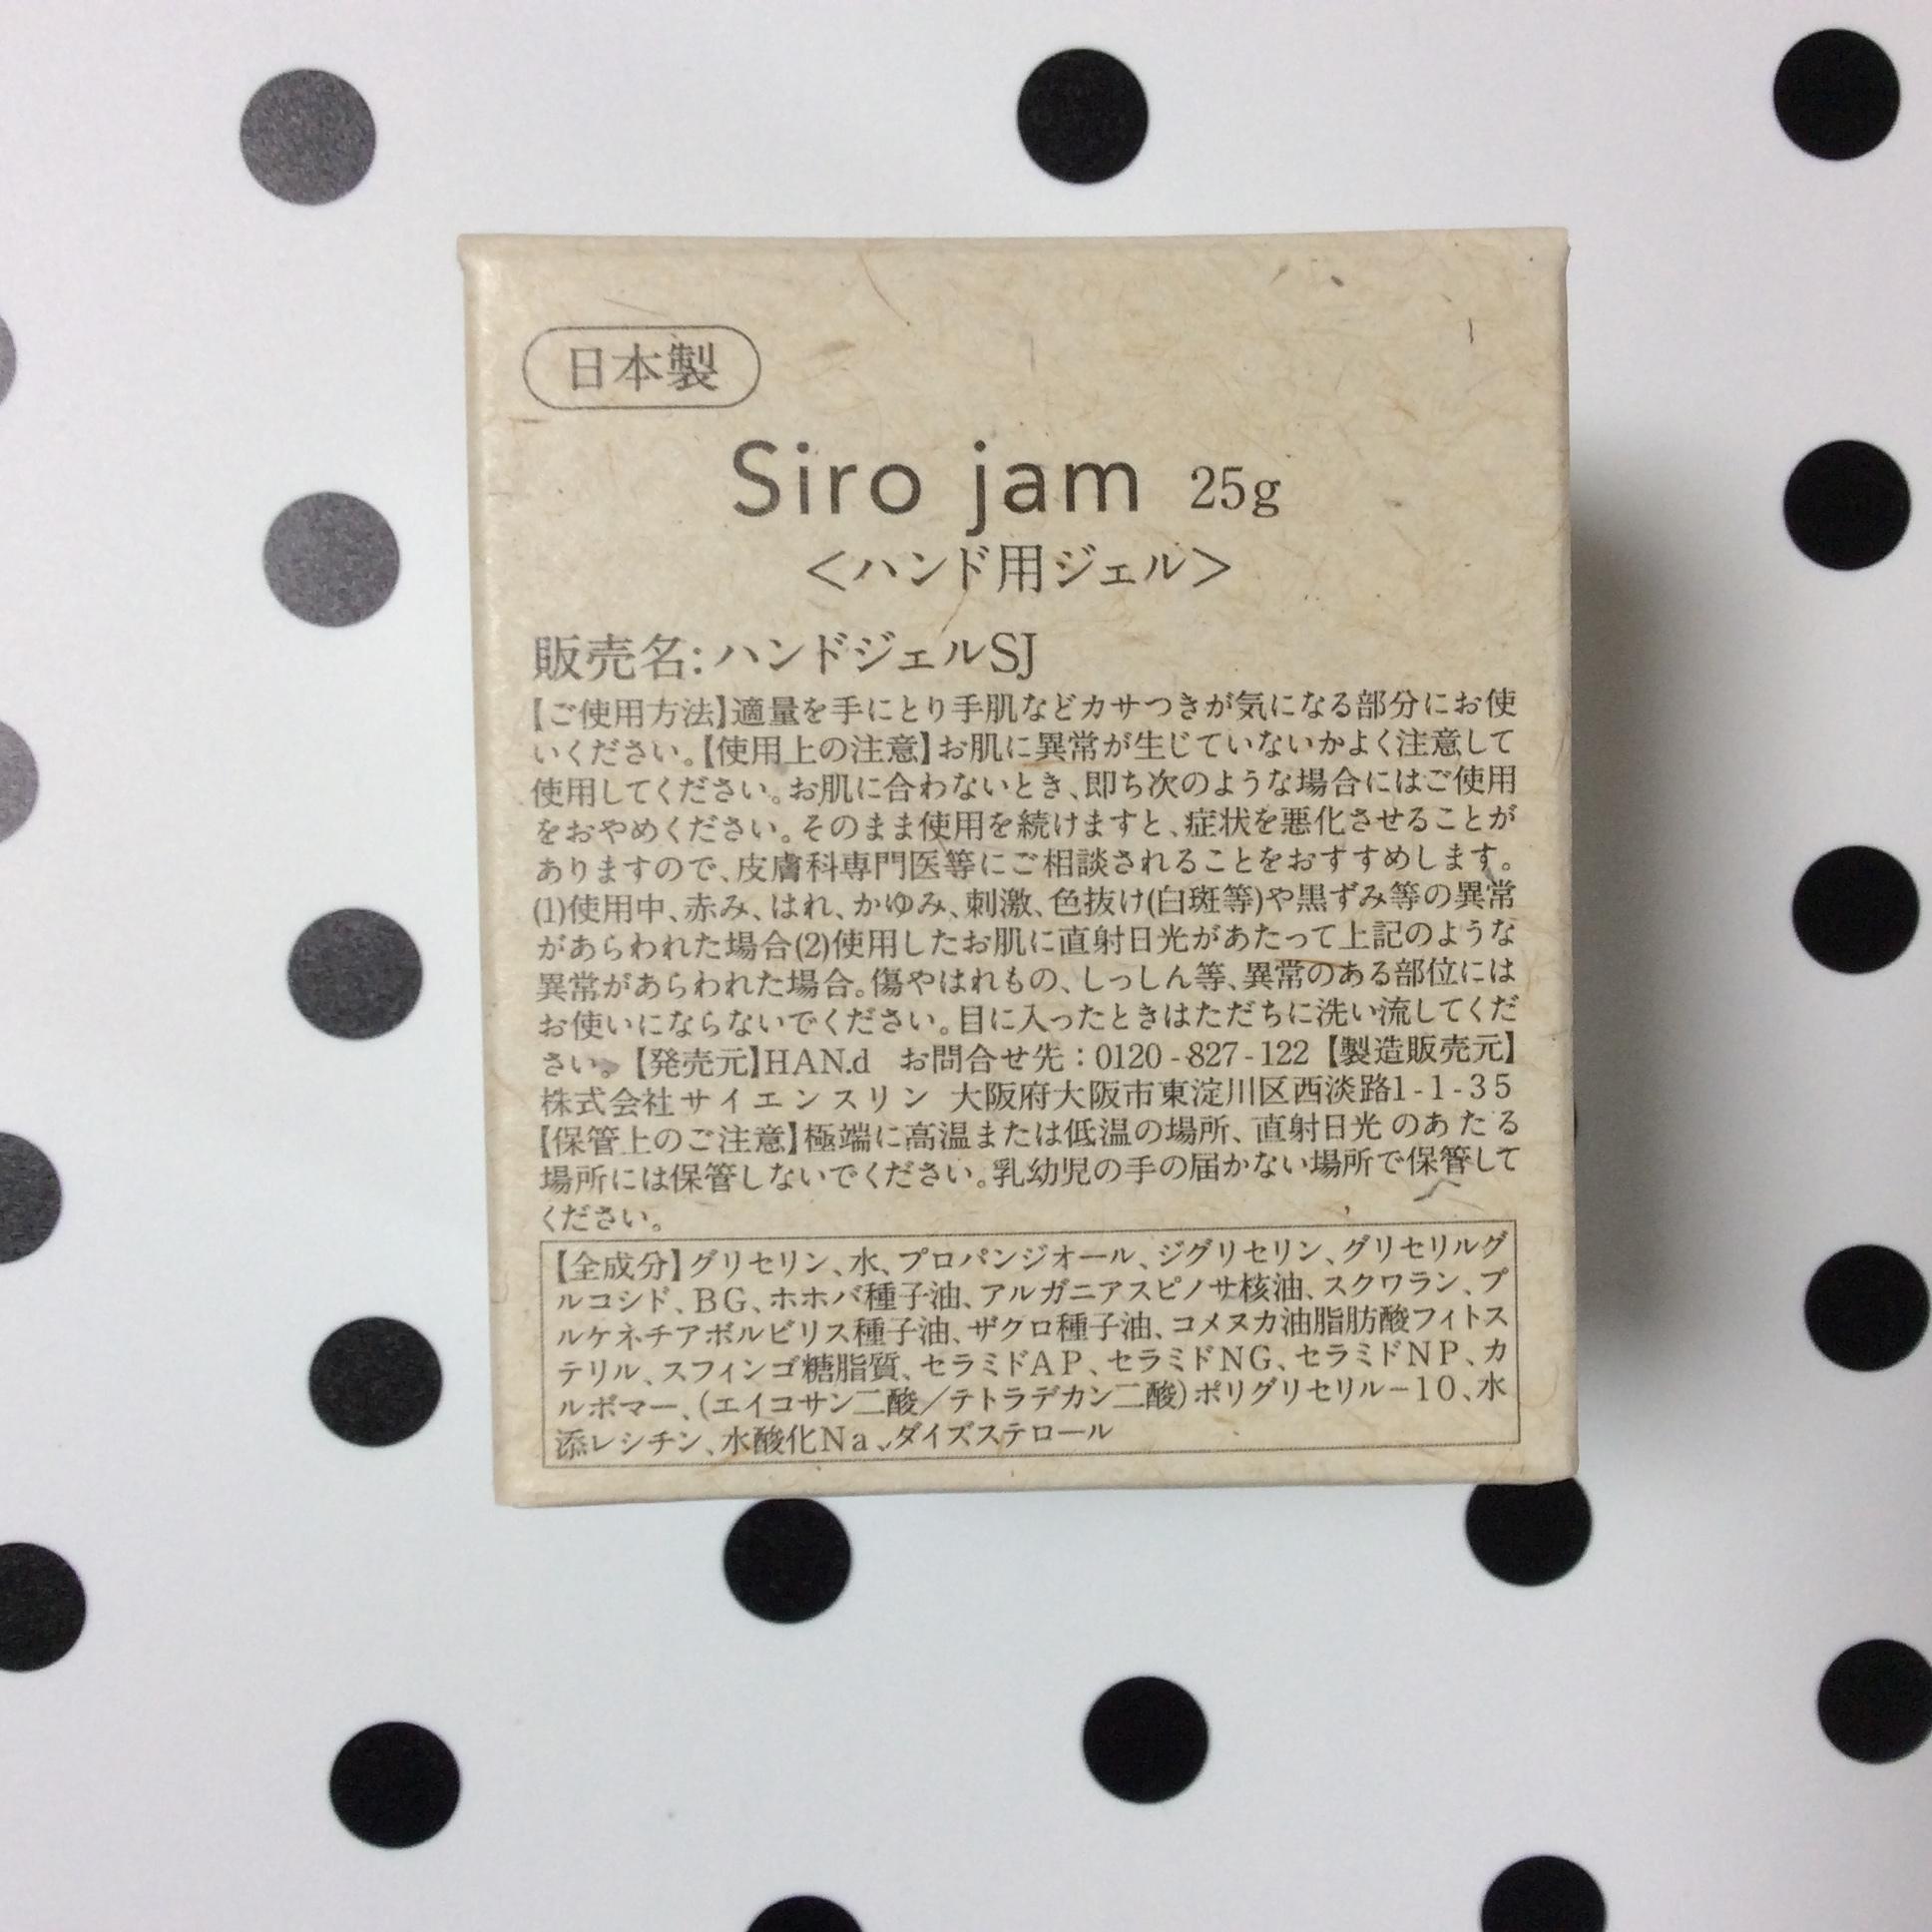 ハンドケア 手元用美容液【Siro jam(シロジャム)】 (1)